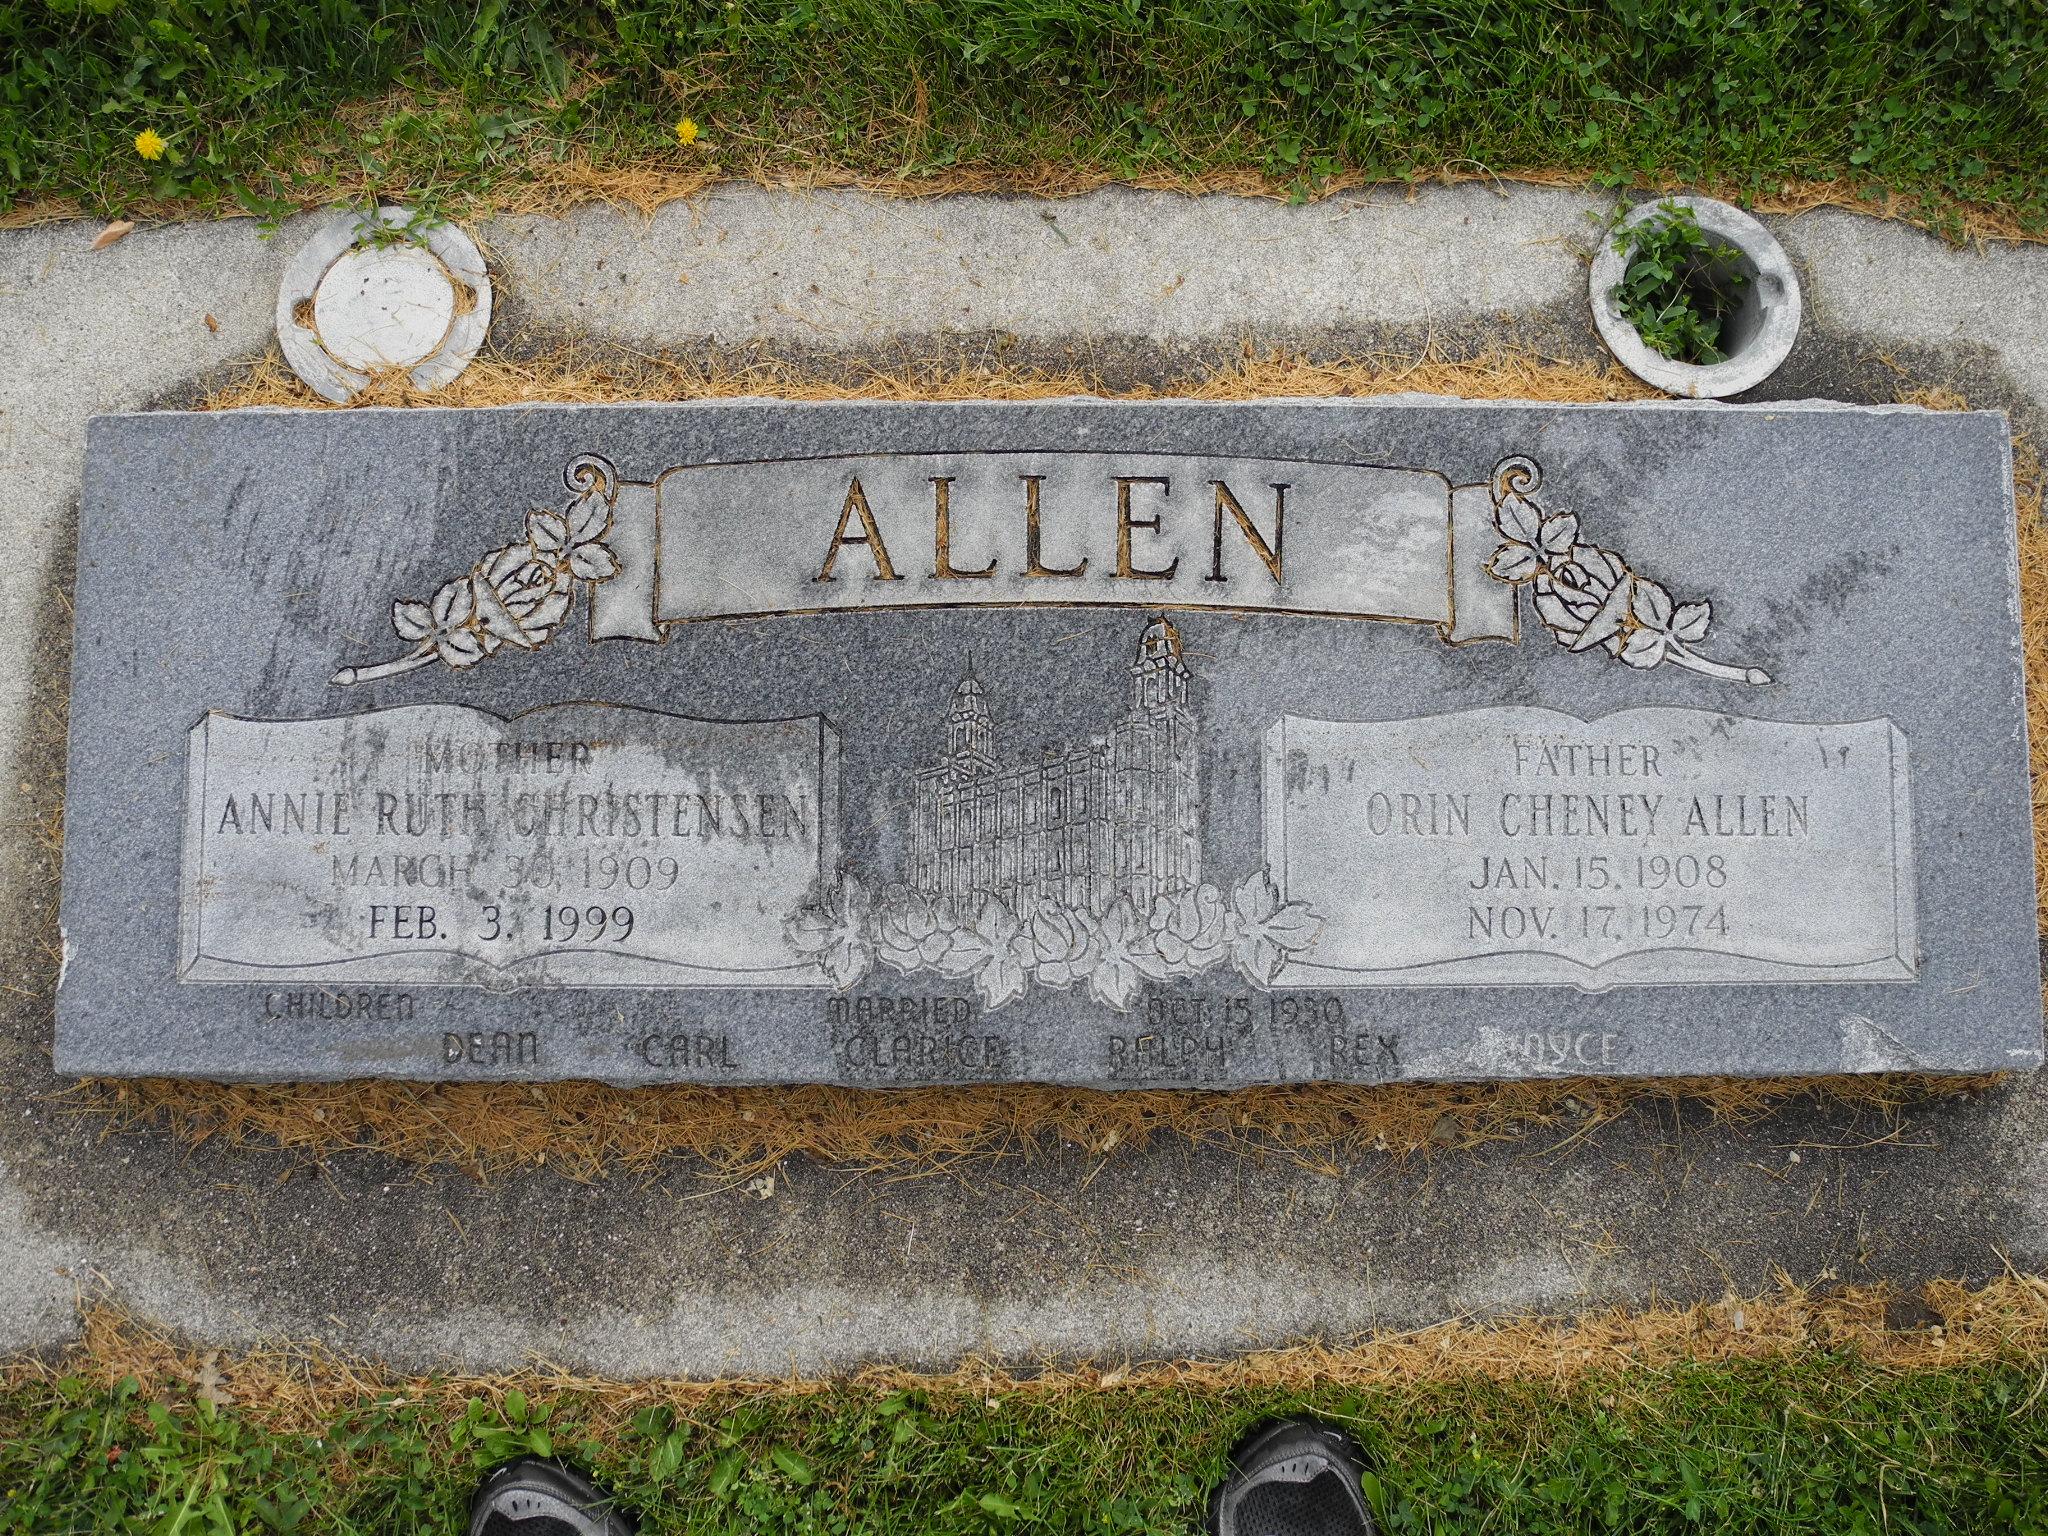 Orin Cheney Allen